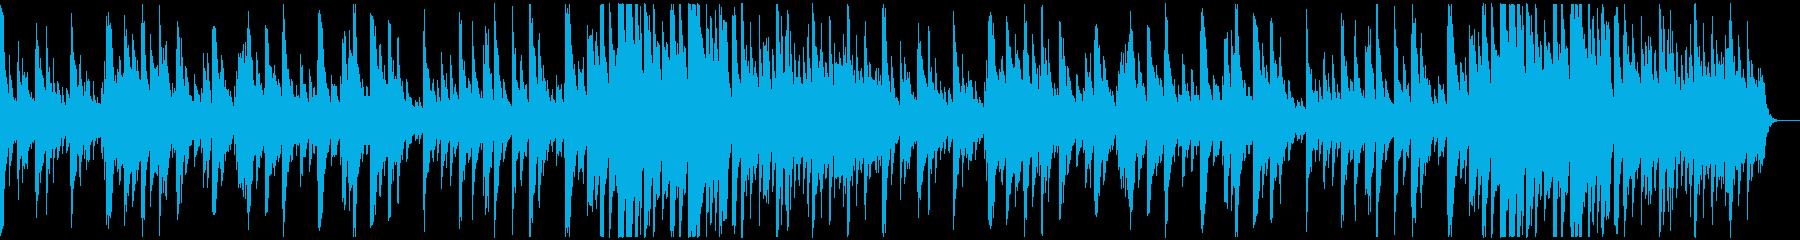 キラキラした感じのソロ・ピアノ曲の再生済みの波形